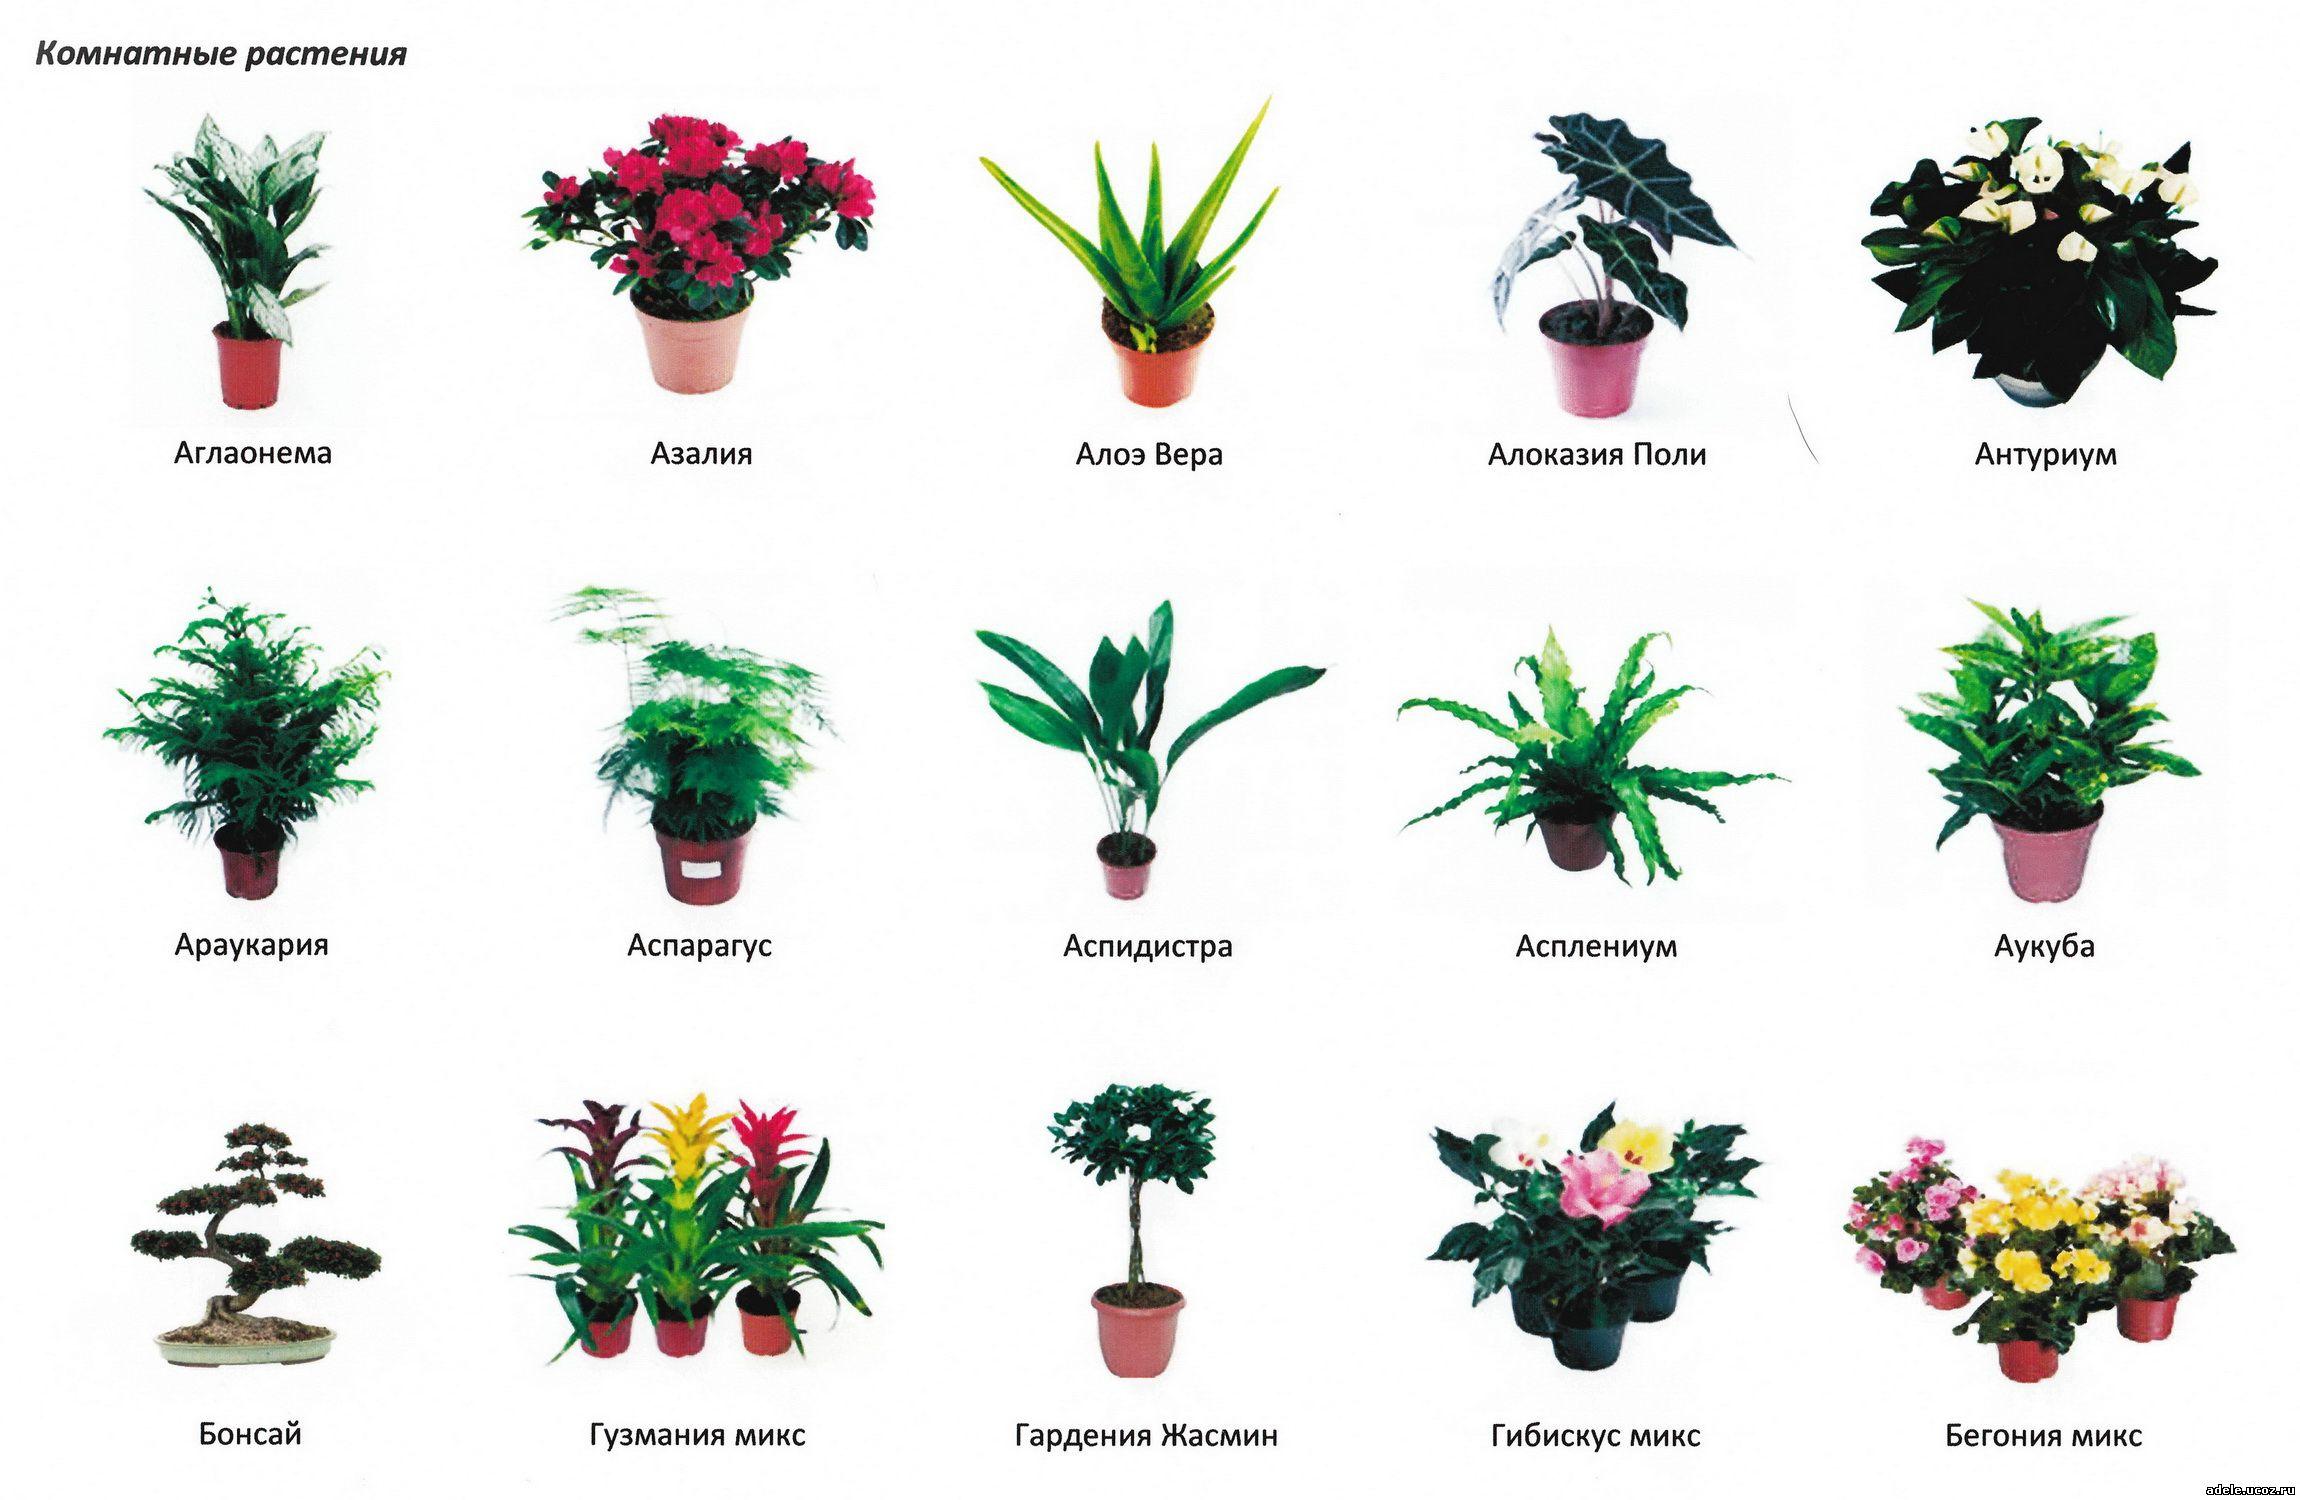 Комнатные цветы в детском саду названия и фото